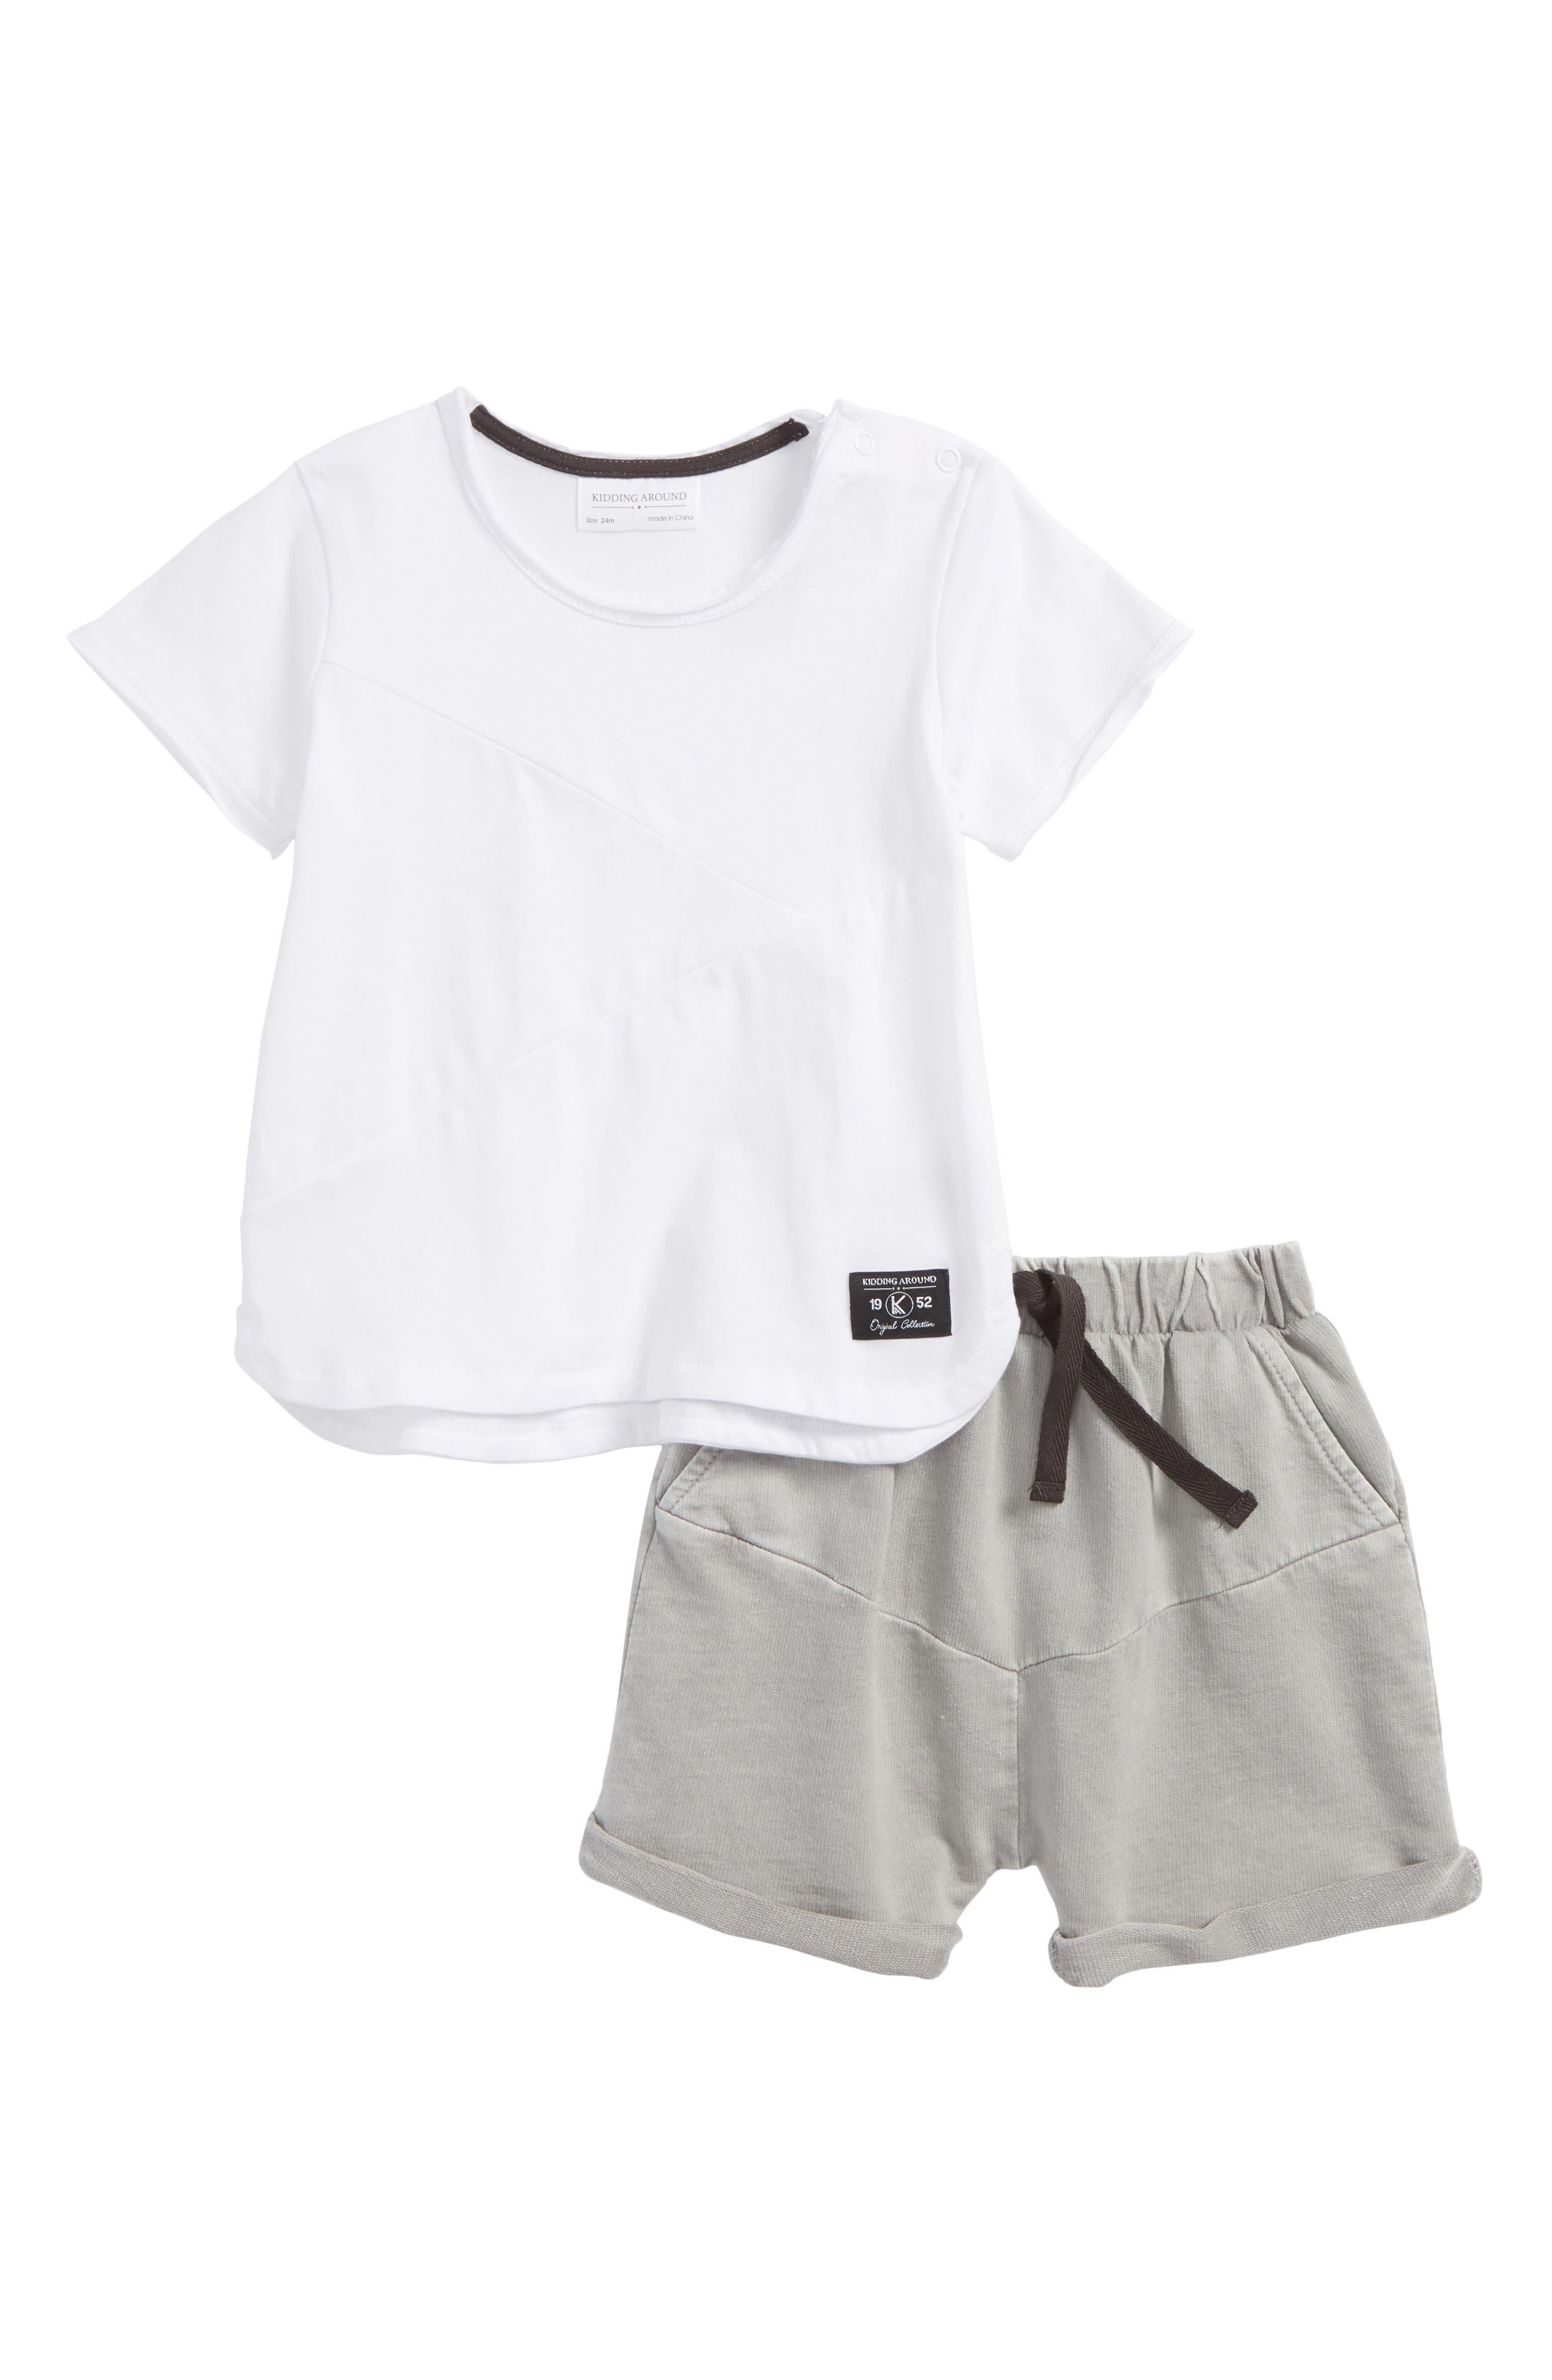 Main Image - Kidding Around T-Shirt & Shorts Set (Baby)